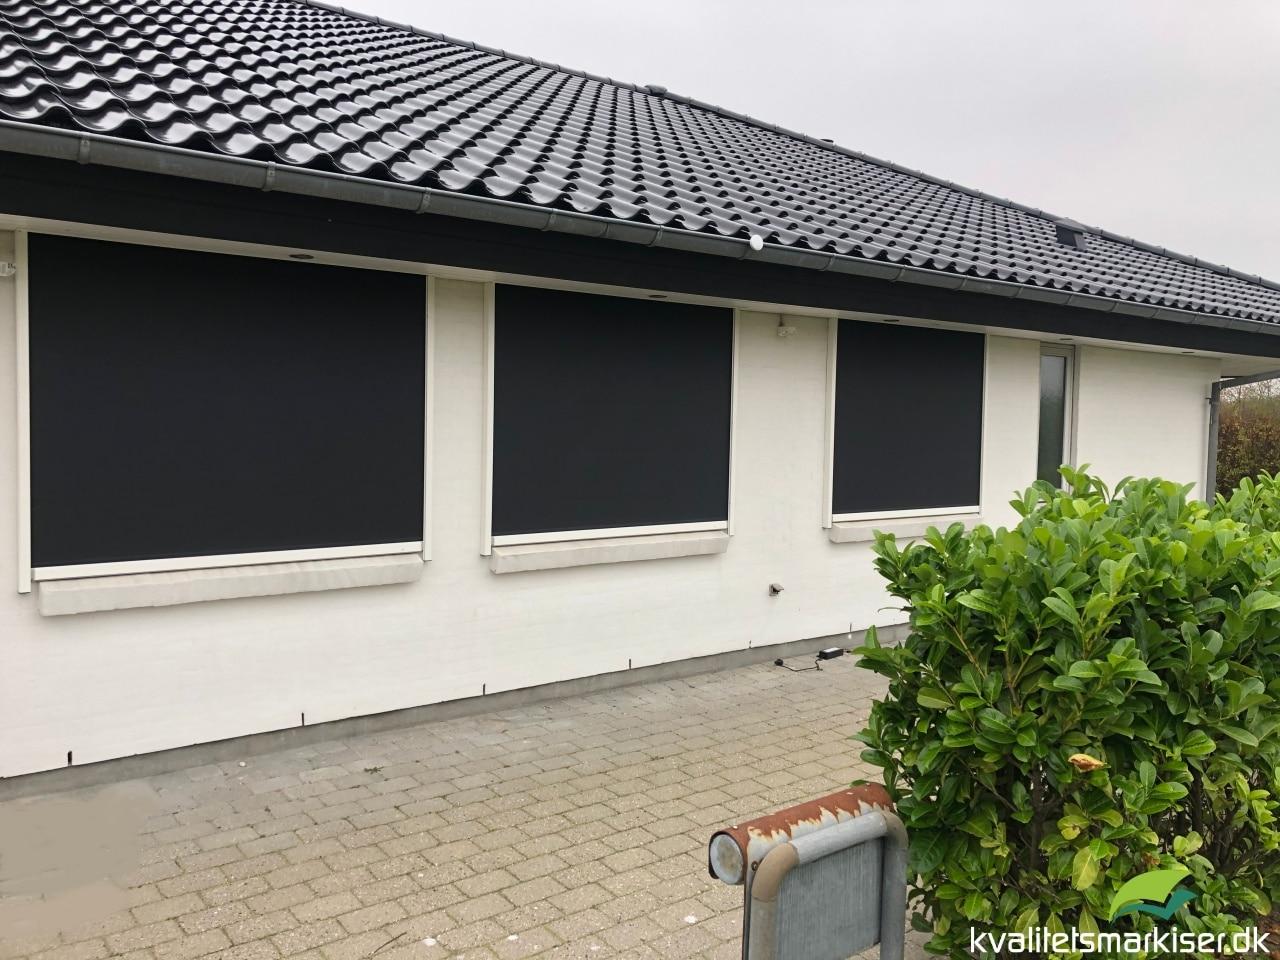 Renson Fixscreen 100 solafskærmning indbygget i udhæng